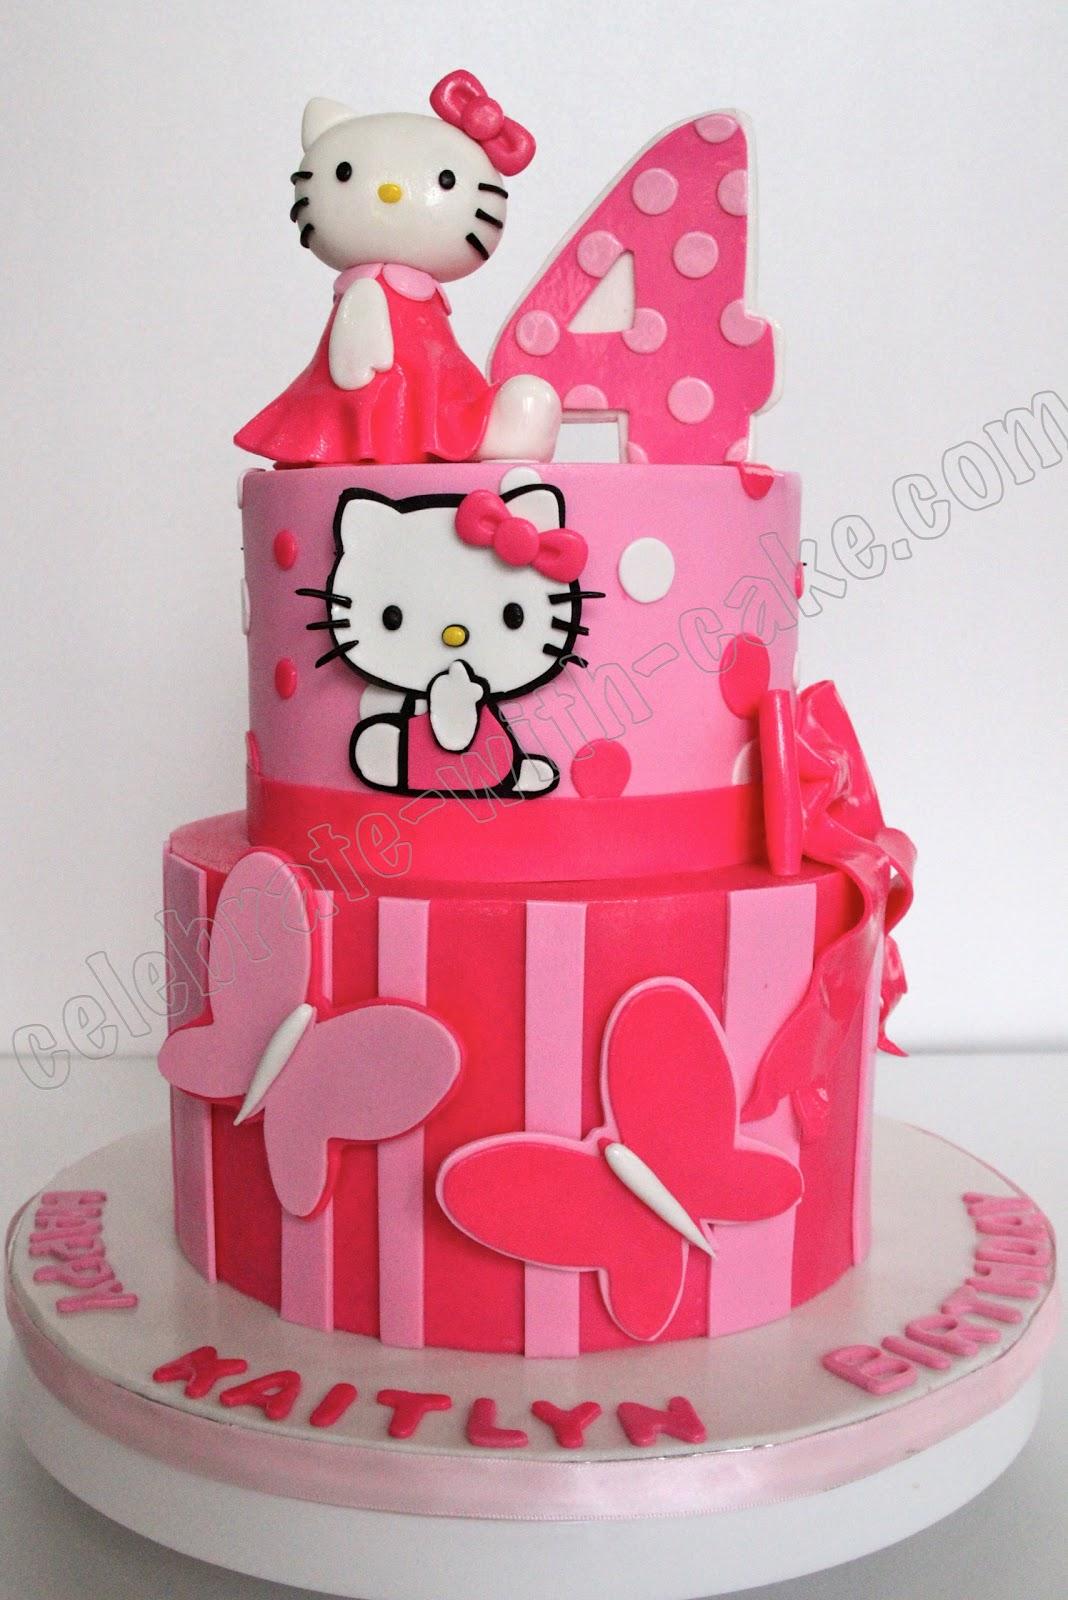 Torta Kitty On Pinterest Hello Cake